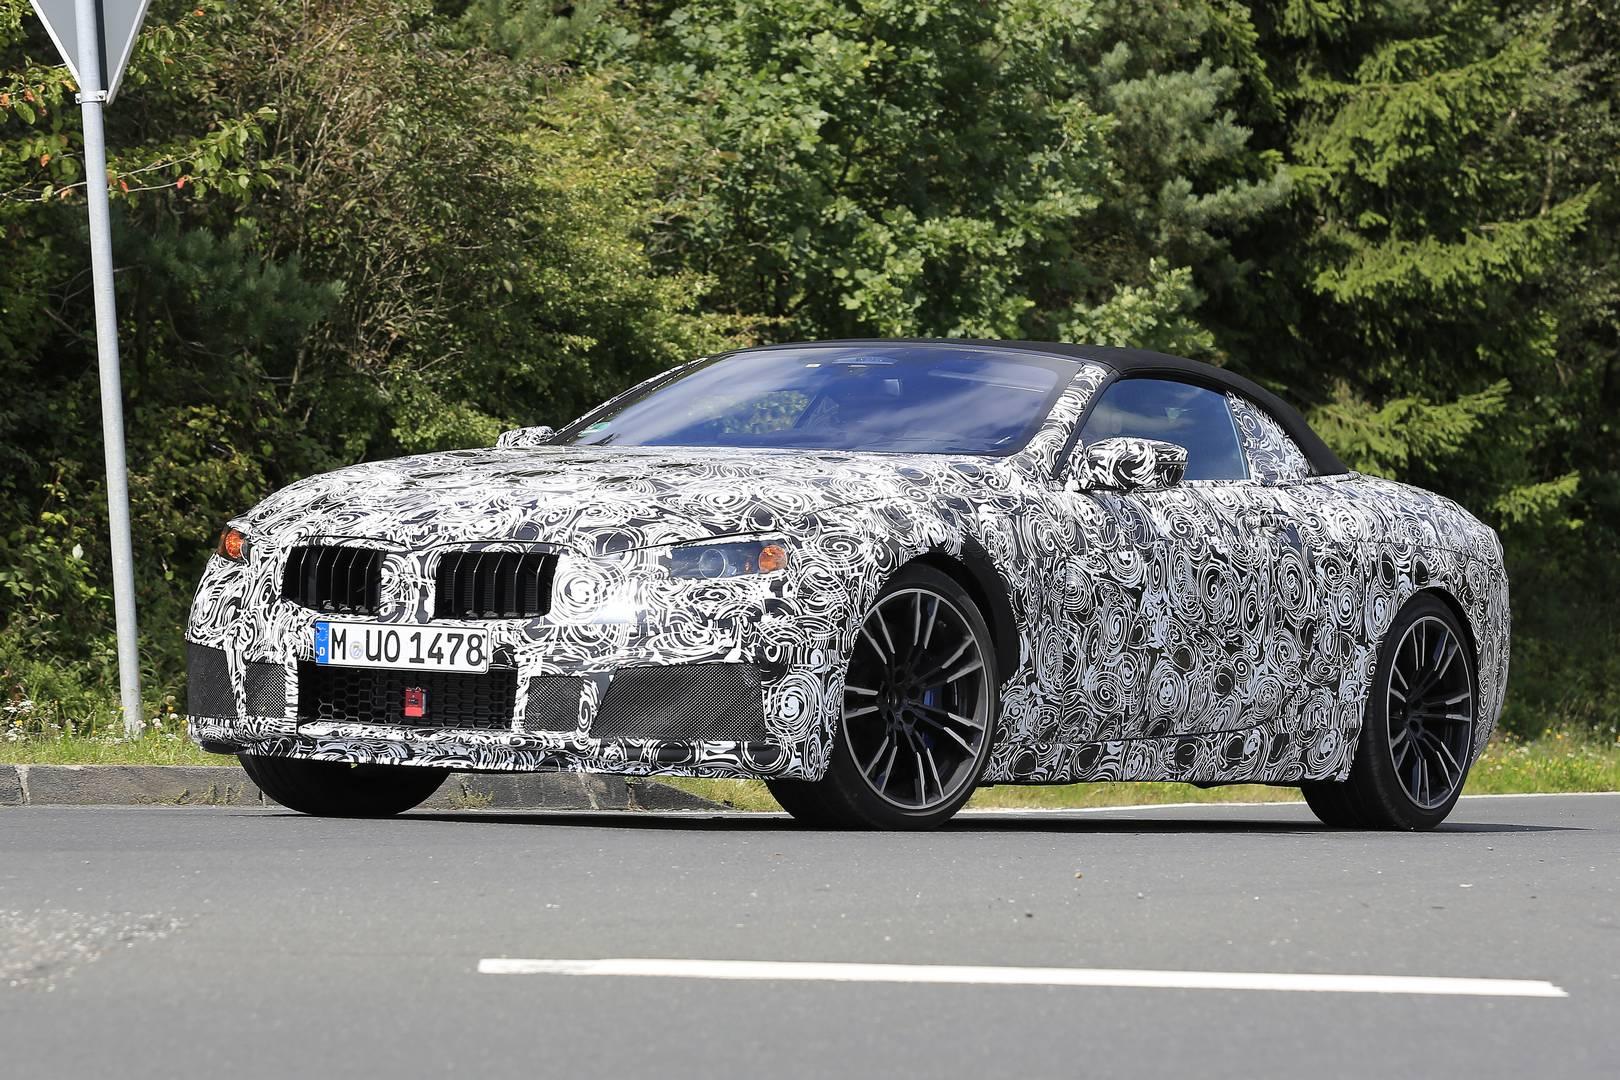 Автомобиль, скорее всего, разделит свою платформу как с 7-й серией, так и с 5-й серией, и будет оценен выше 100 000 евро.